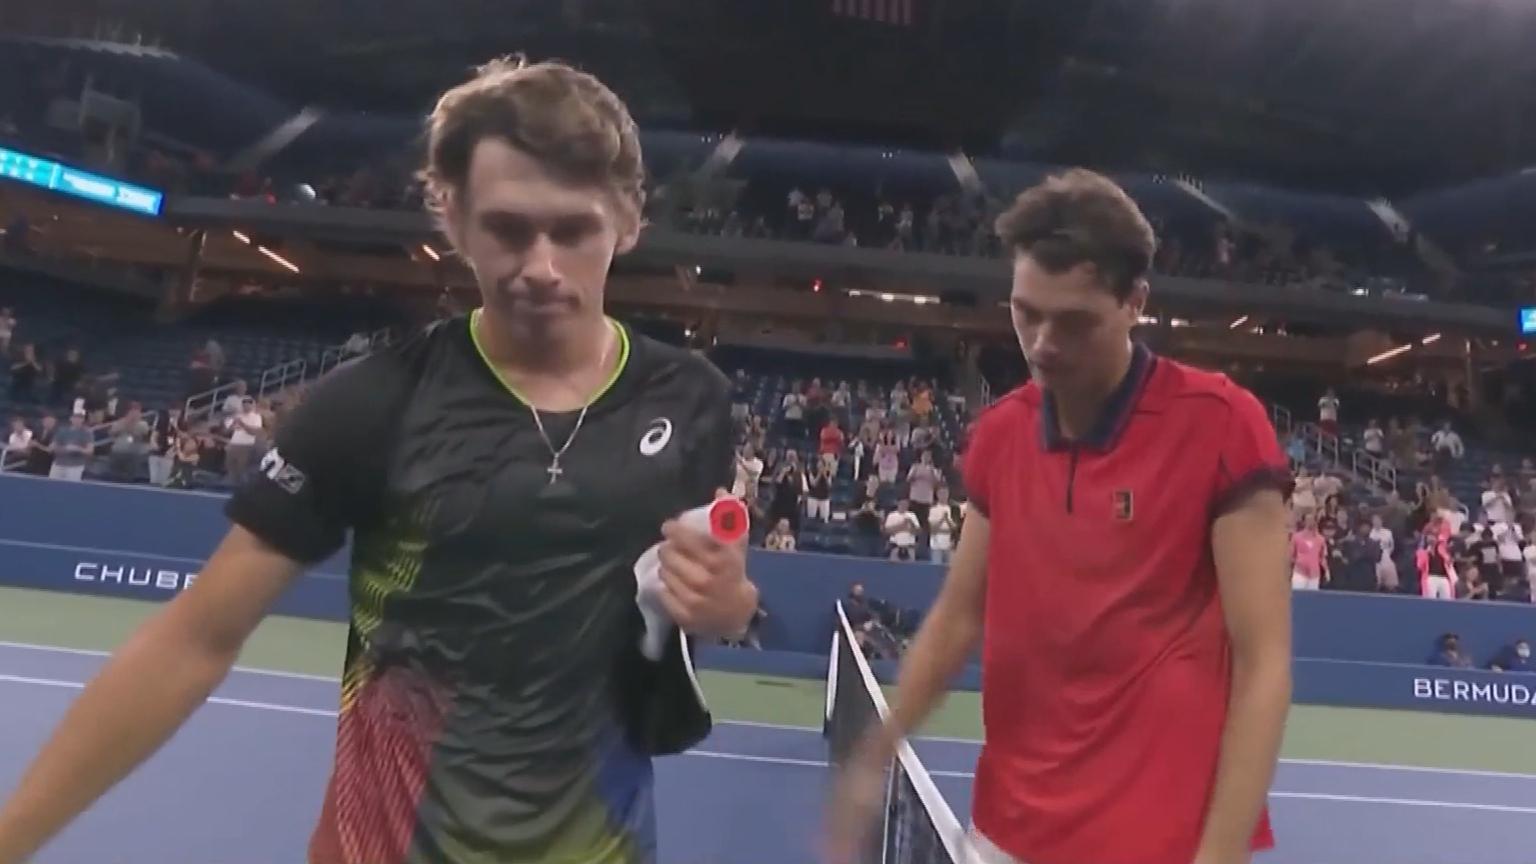 de Minaur crashes out of US Open